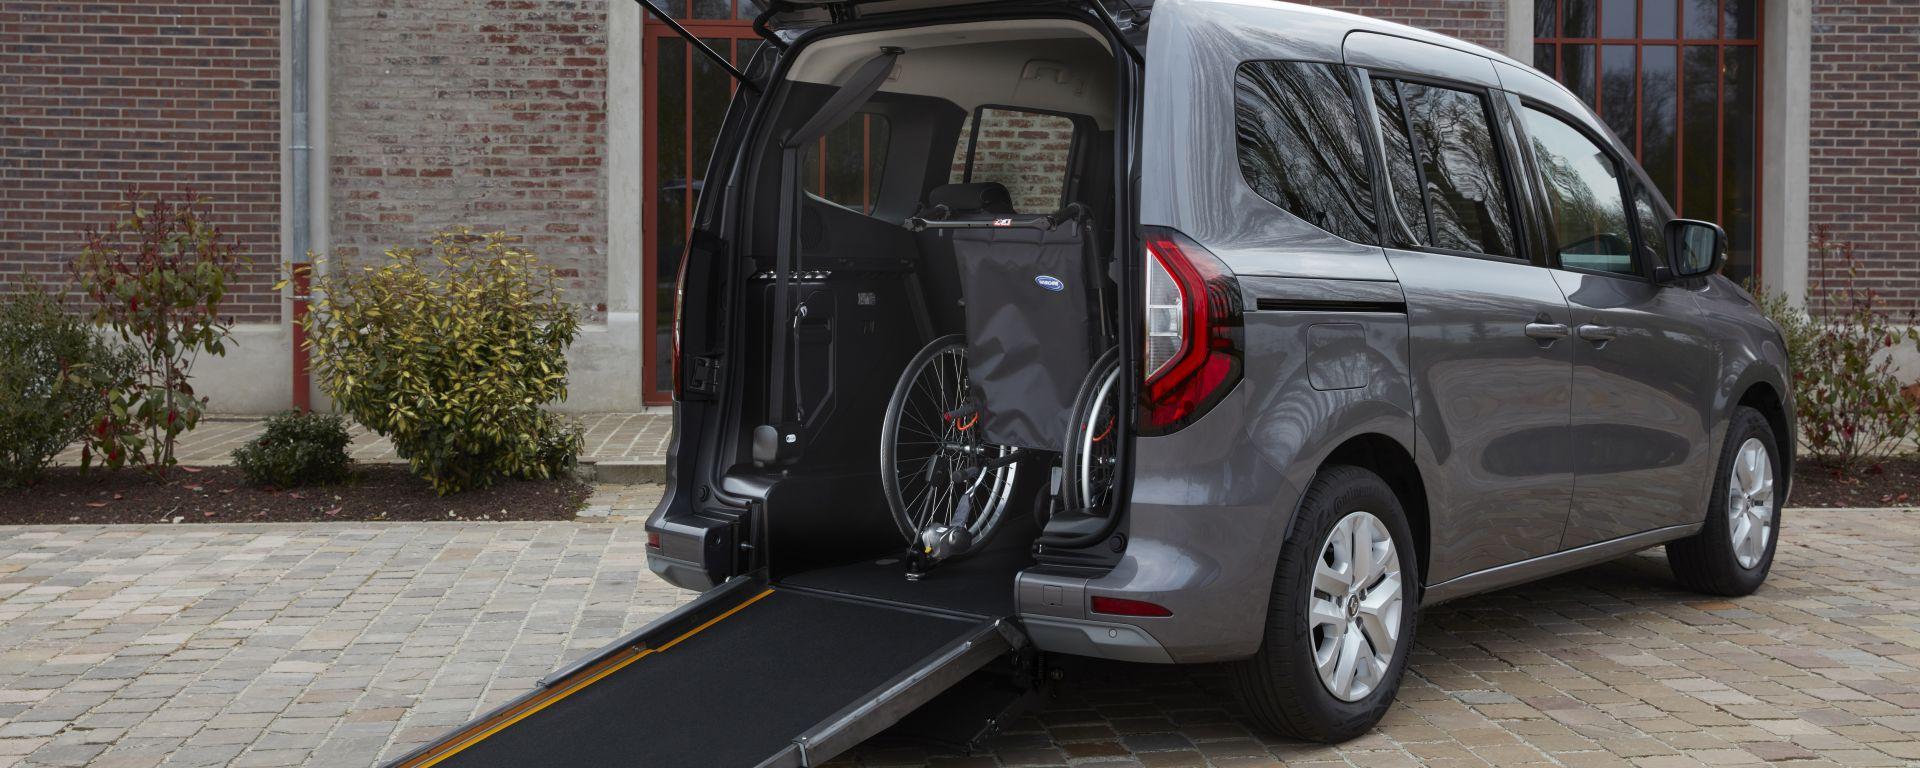 Nuova Renault Kangoo TPMR, professionista di mobilità ridotta